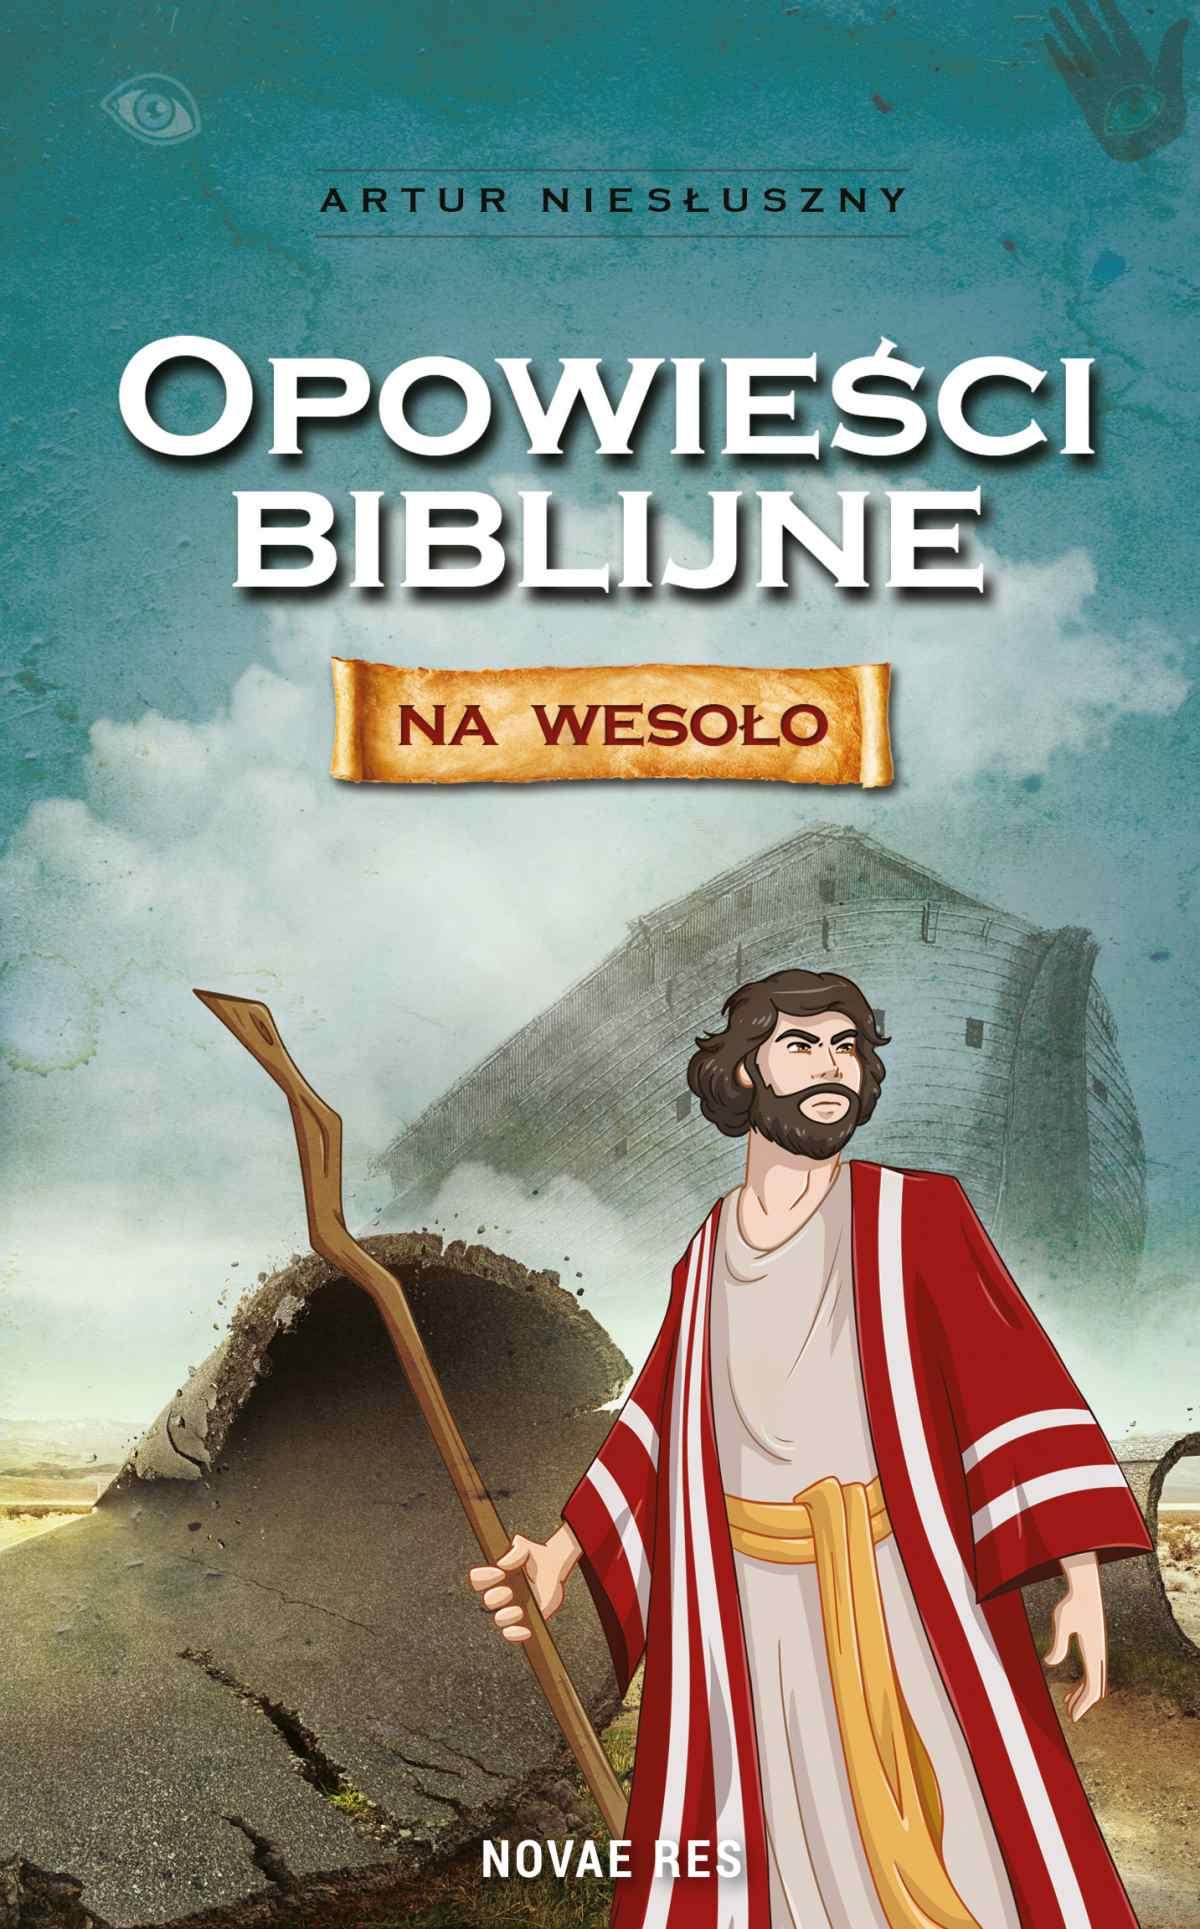 Opowieści biblijne na wesoło - Ebook (Książka EPUB) do pobrania w formacie EPUB